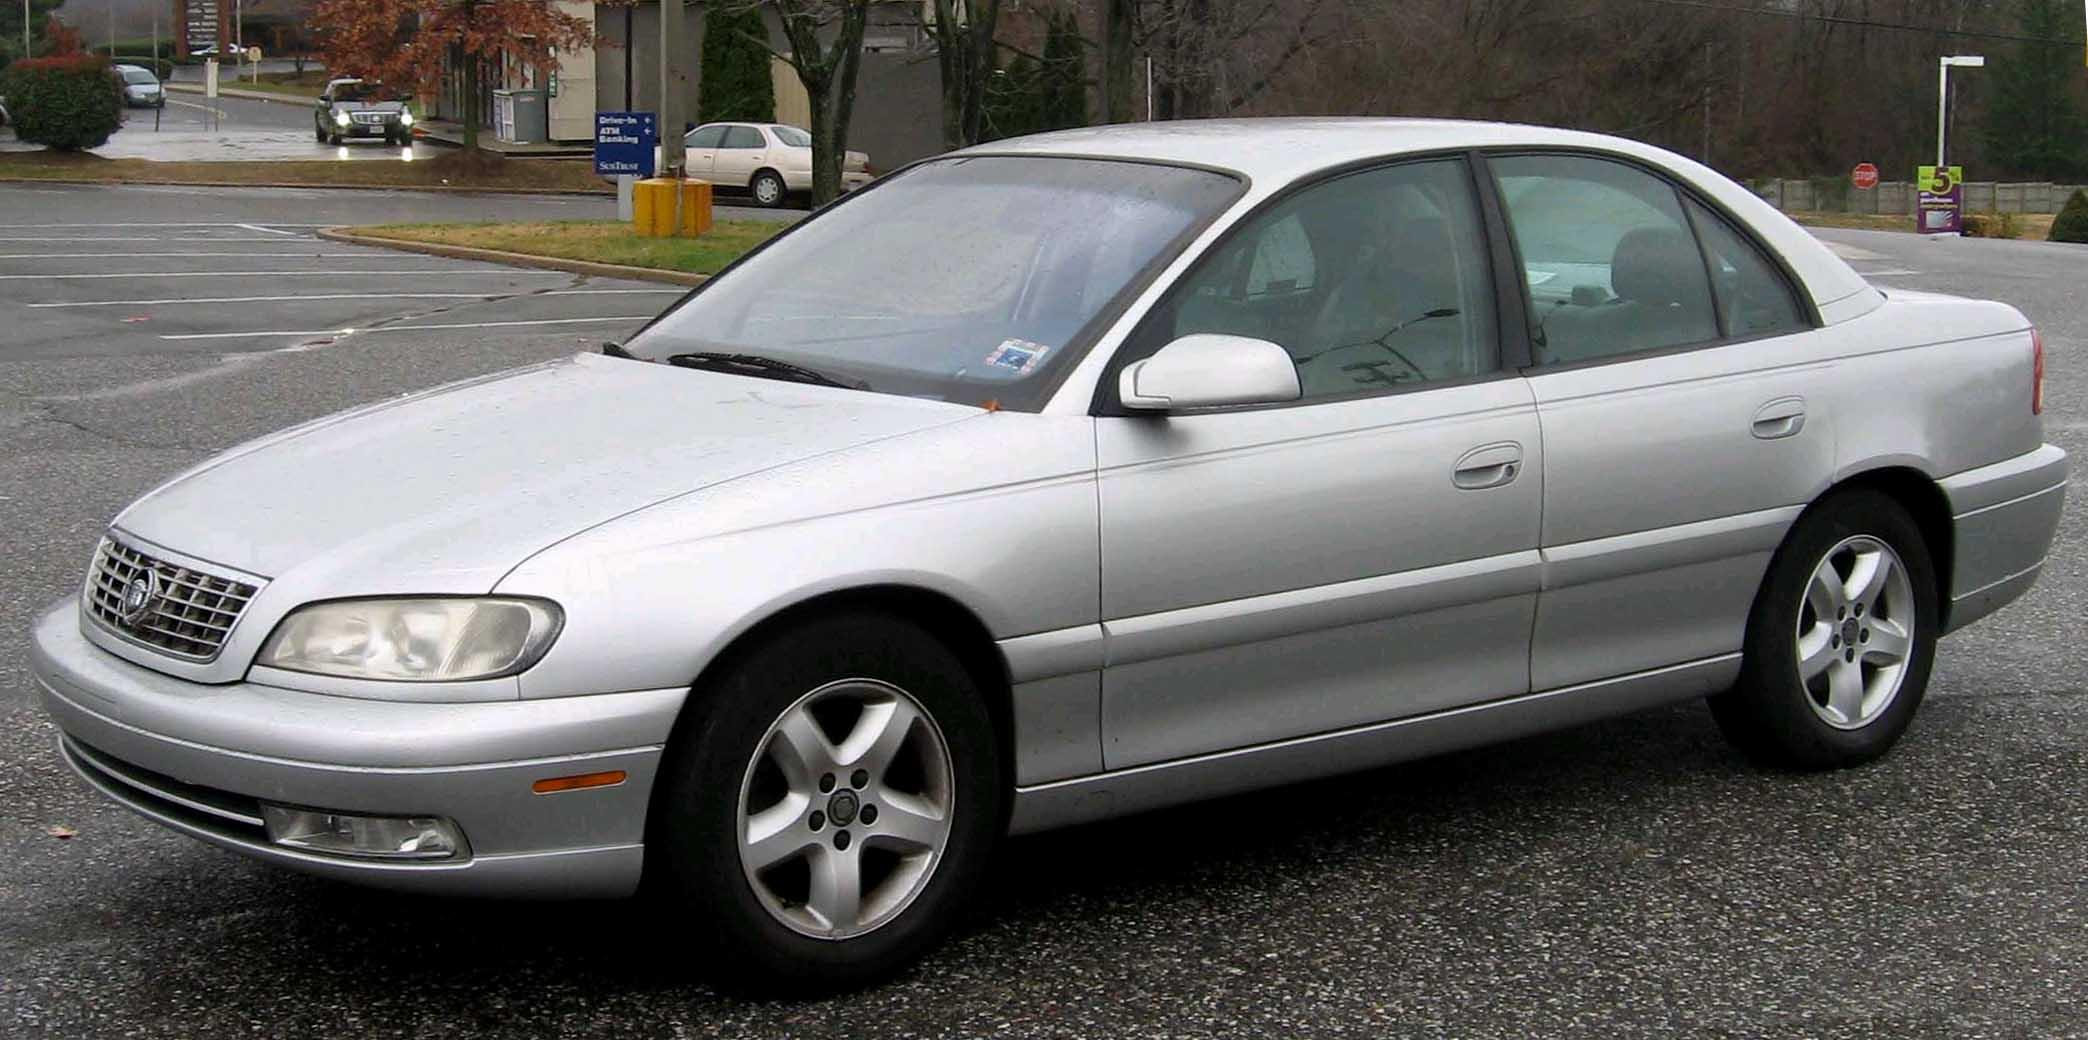 Cadillac Catera 1996 - 2001 Sedan #7